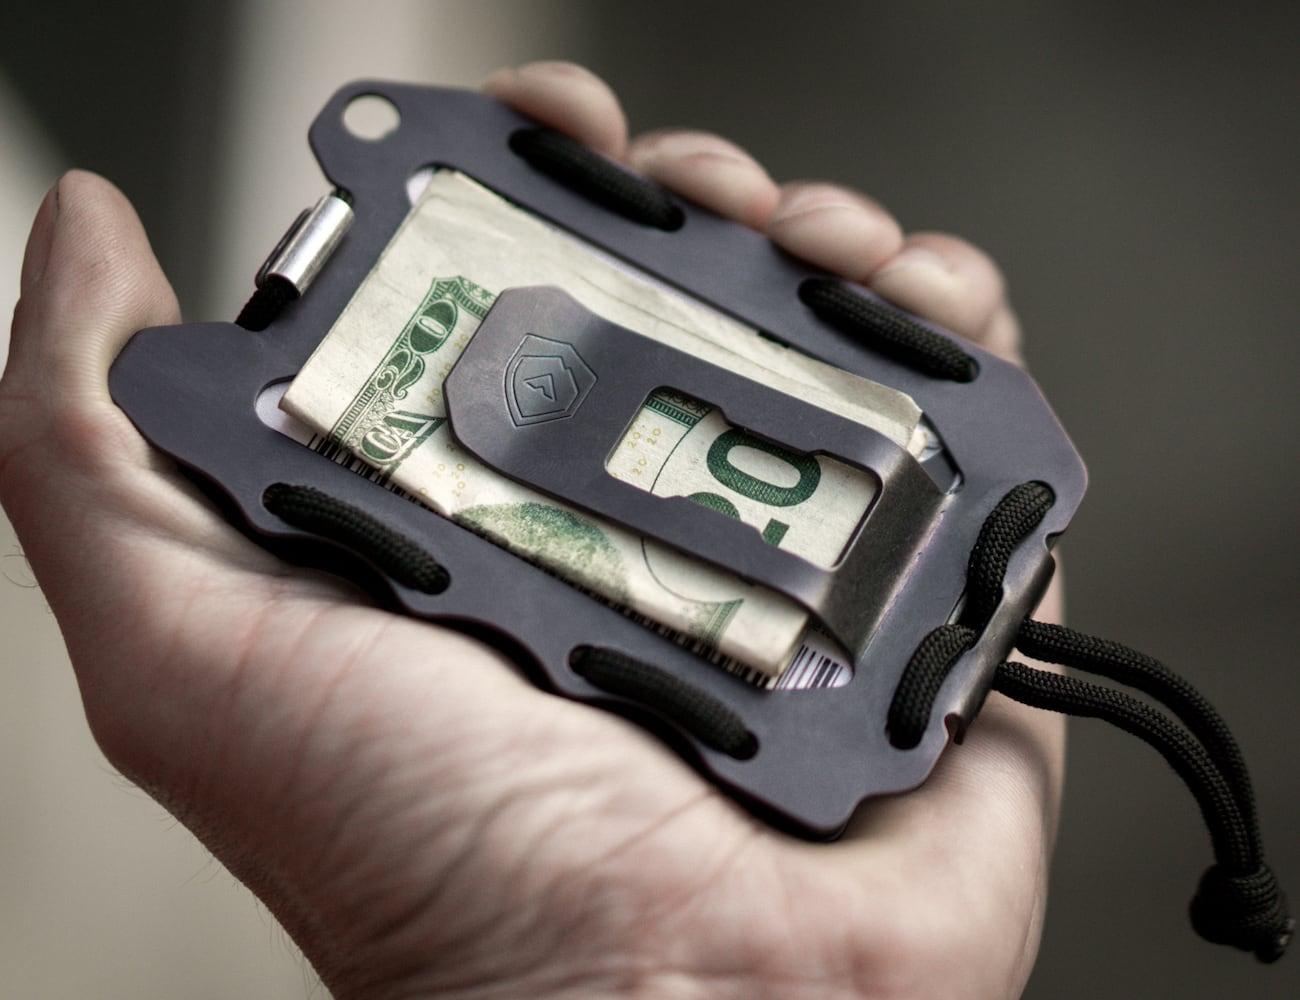 Trayvax OG 2.0 Multifunctional Metal Wallet